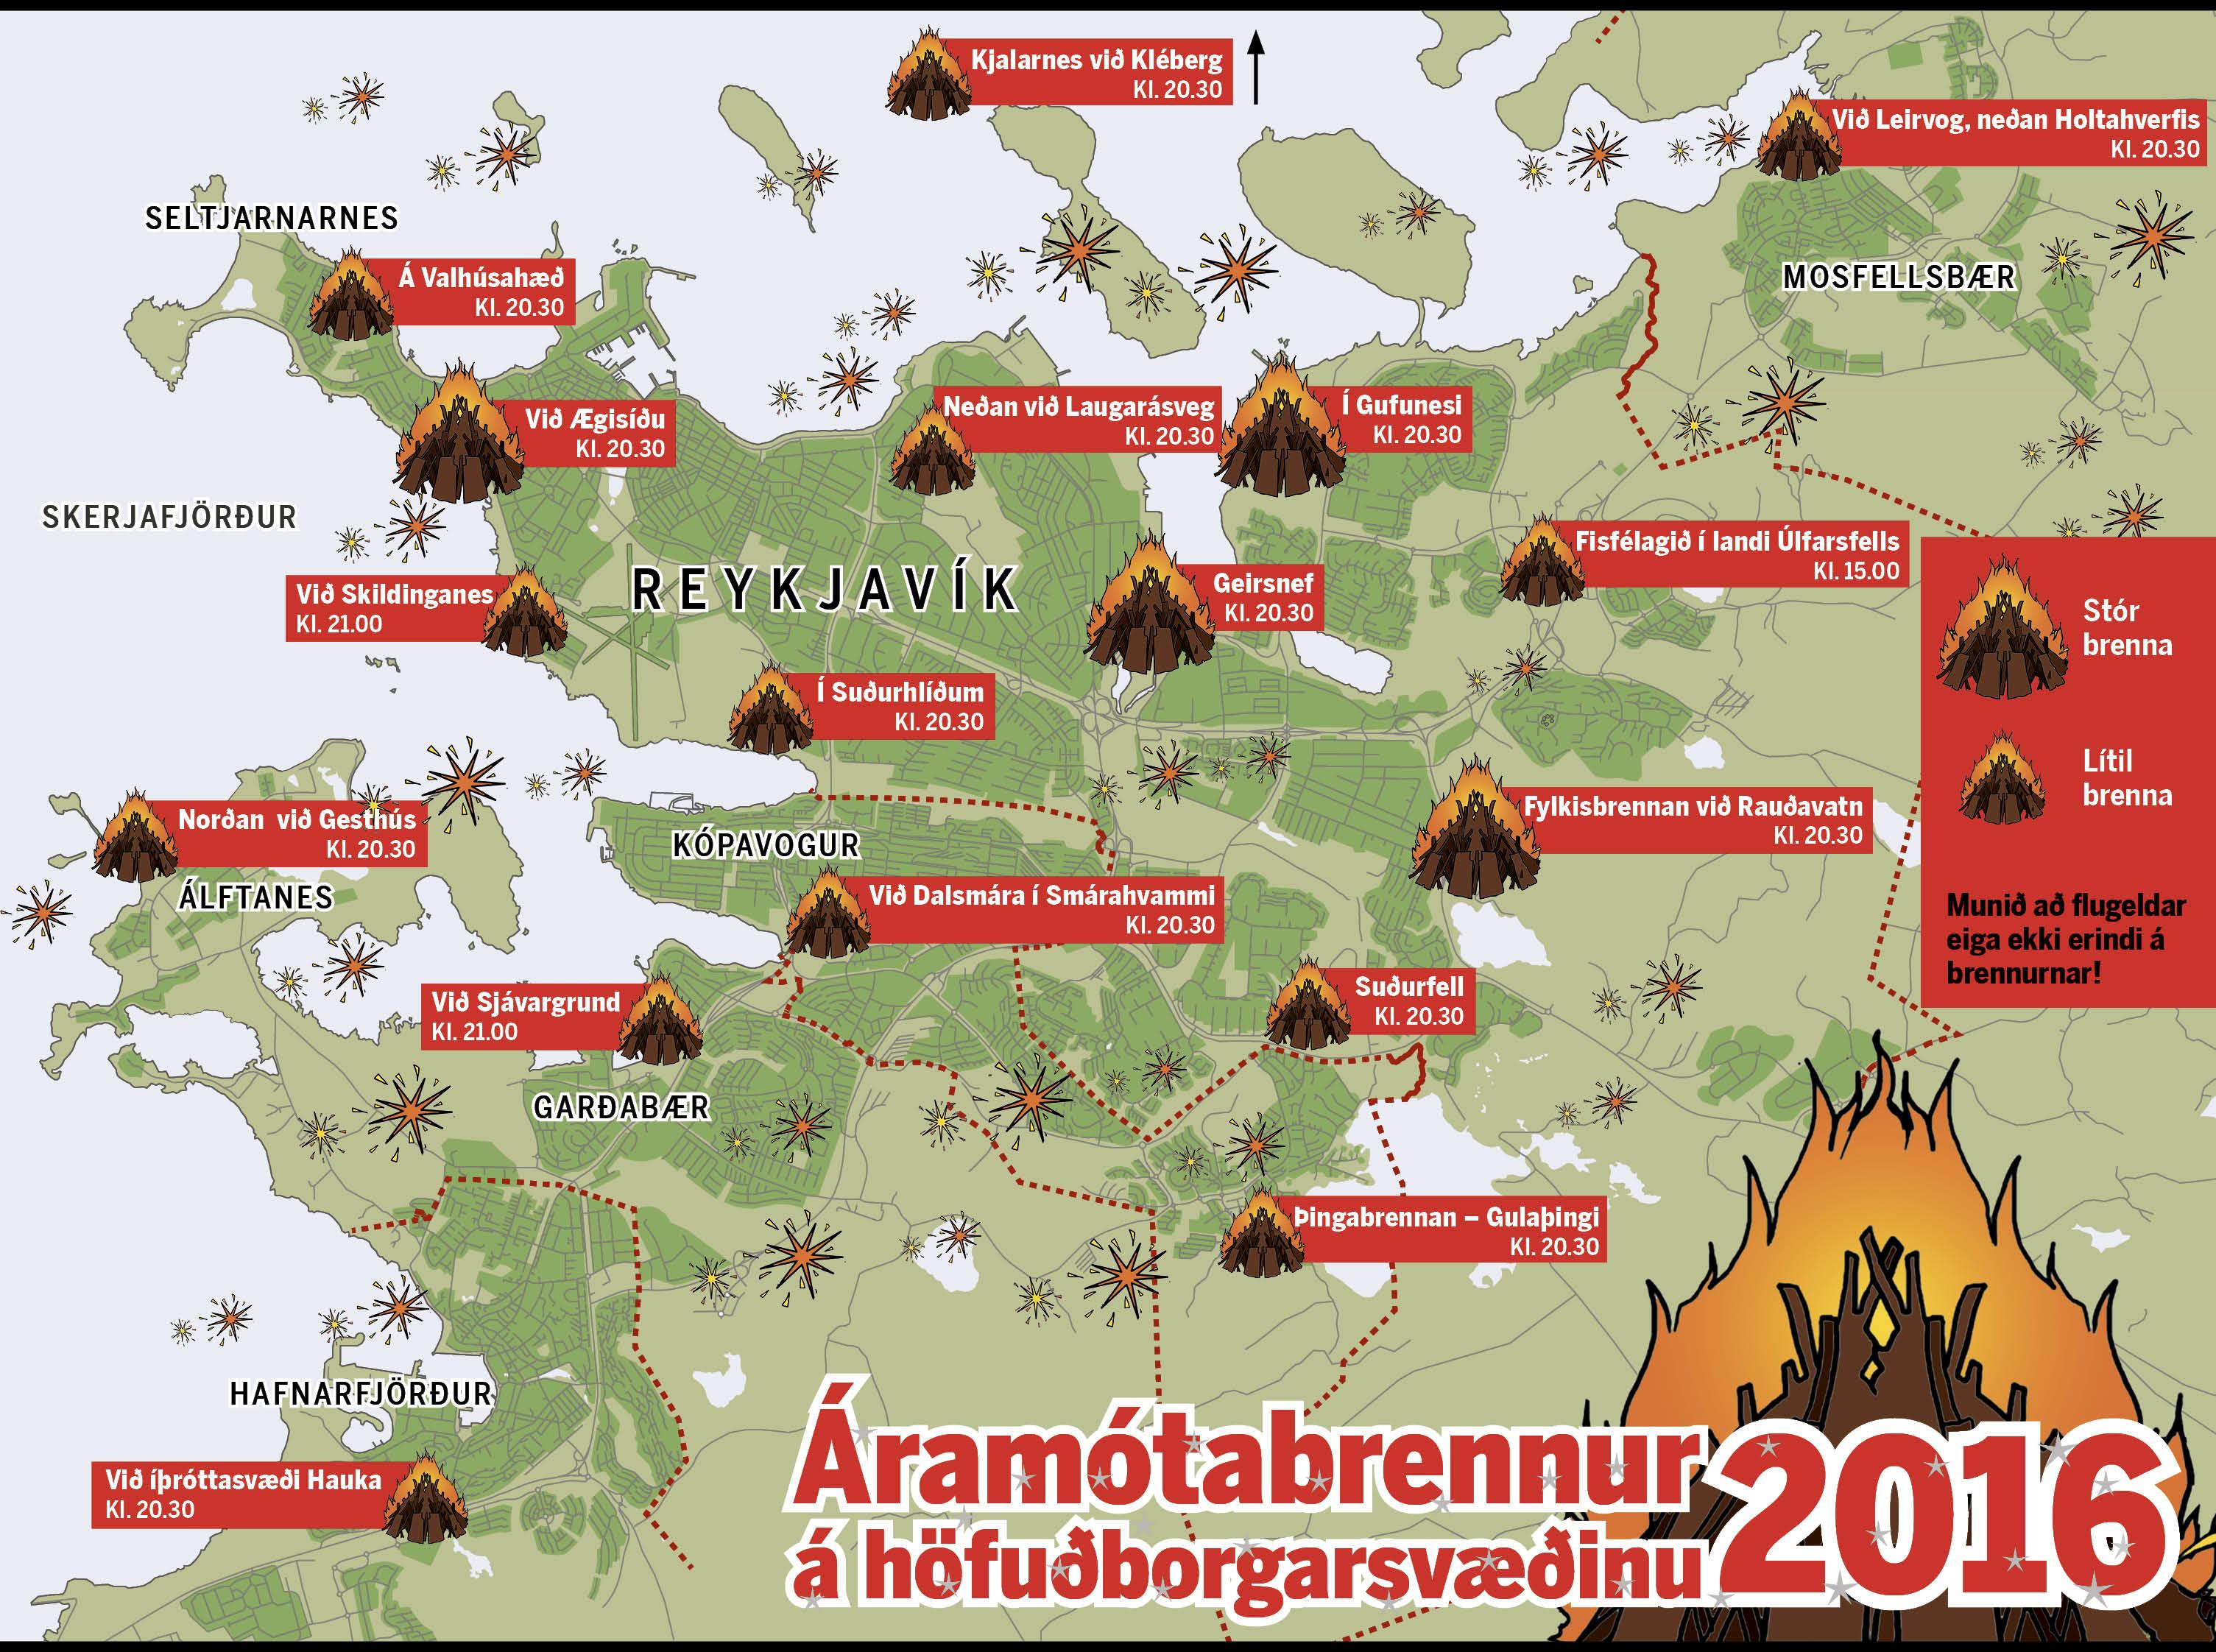 aramotabrennur-2016